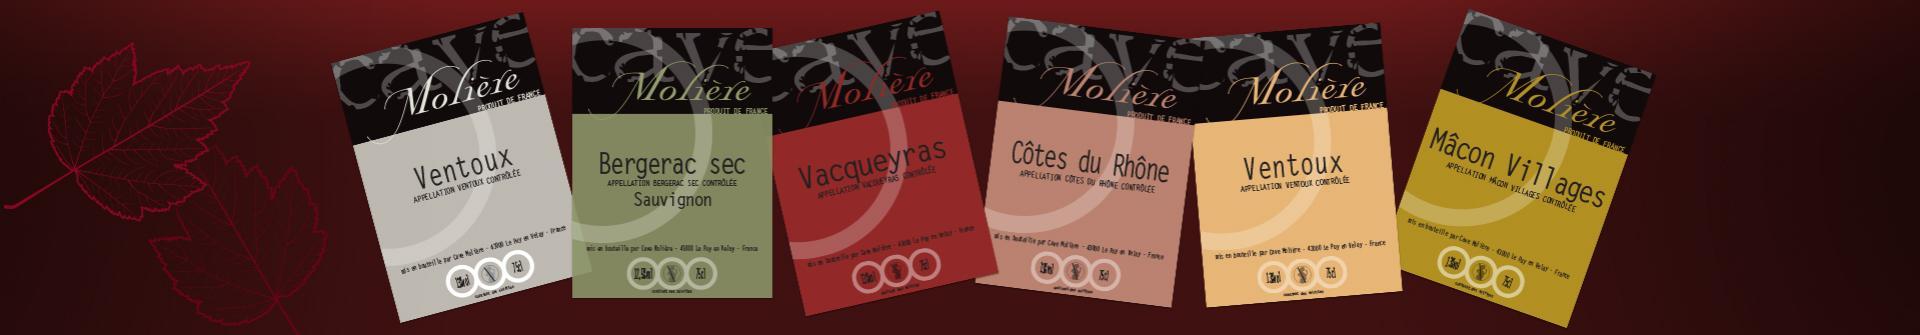 Molieres_visuel Header_vins moliere.jpg